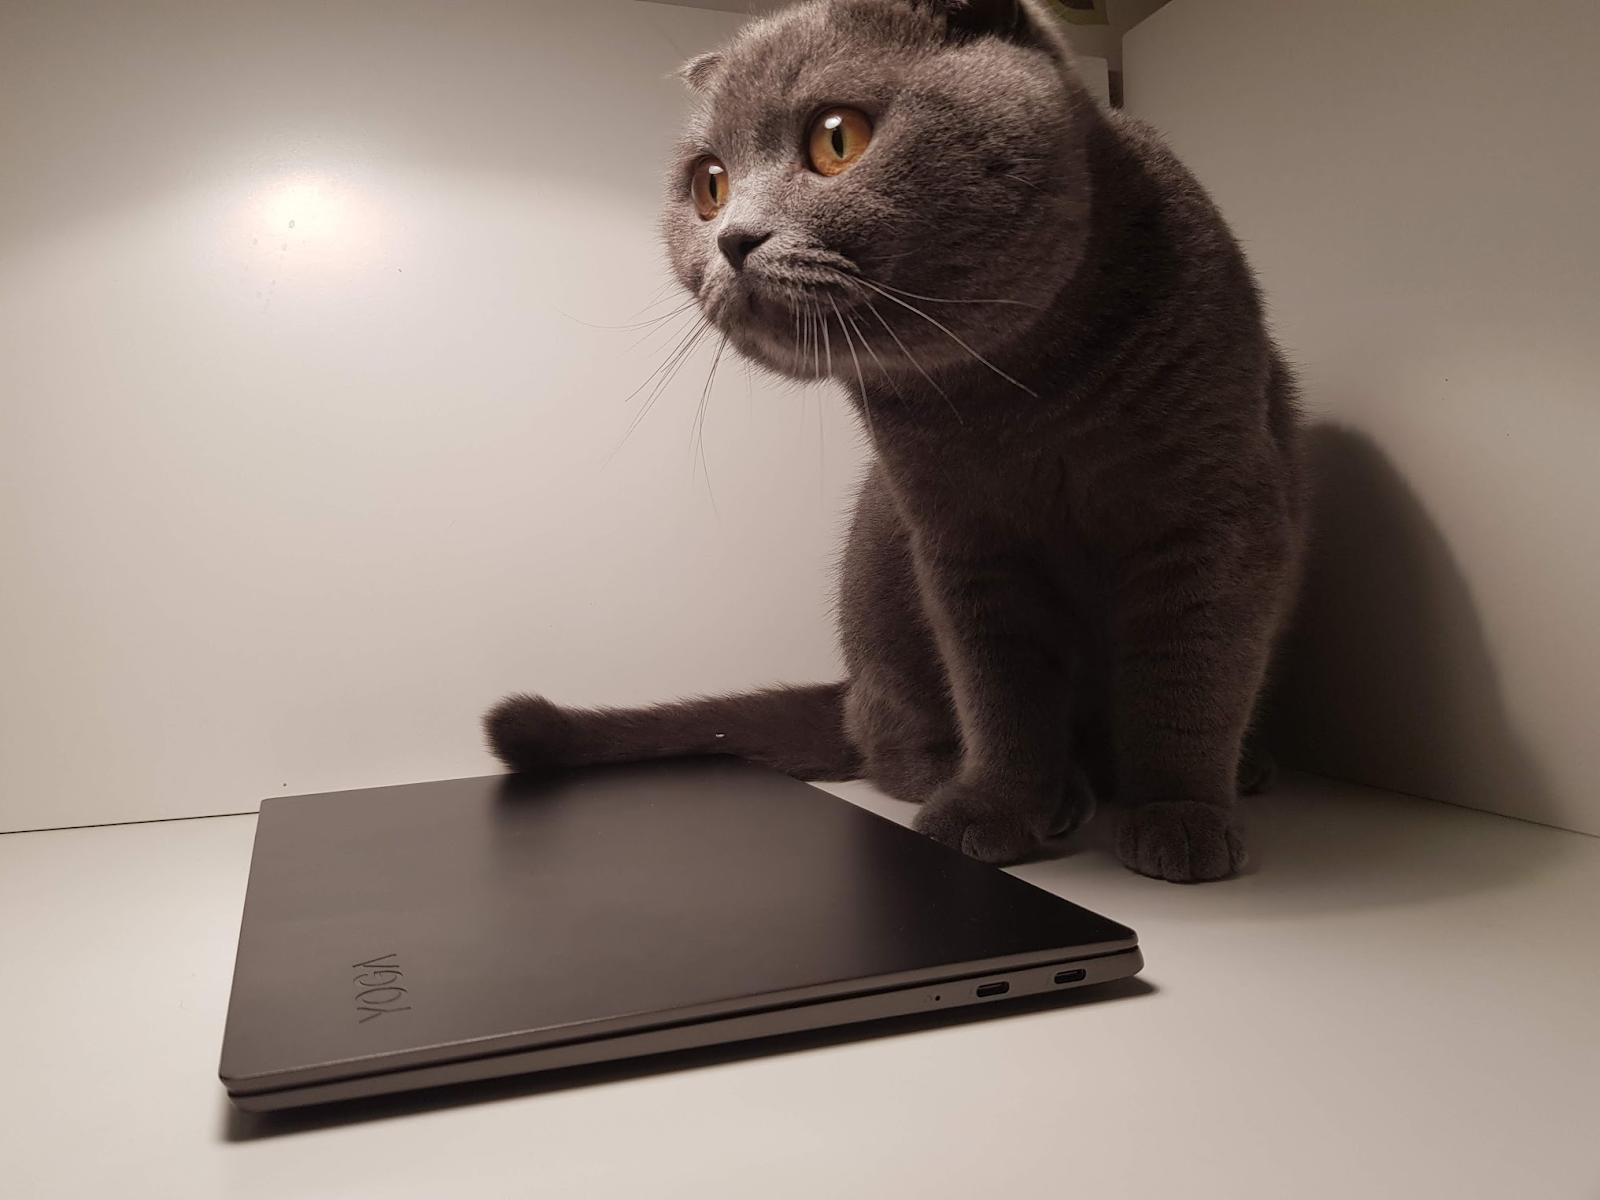 Обзор ноутбука Lenovo S730-13 (2018): мощное железо в стильном алюминиевом корпусе - 1